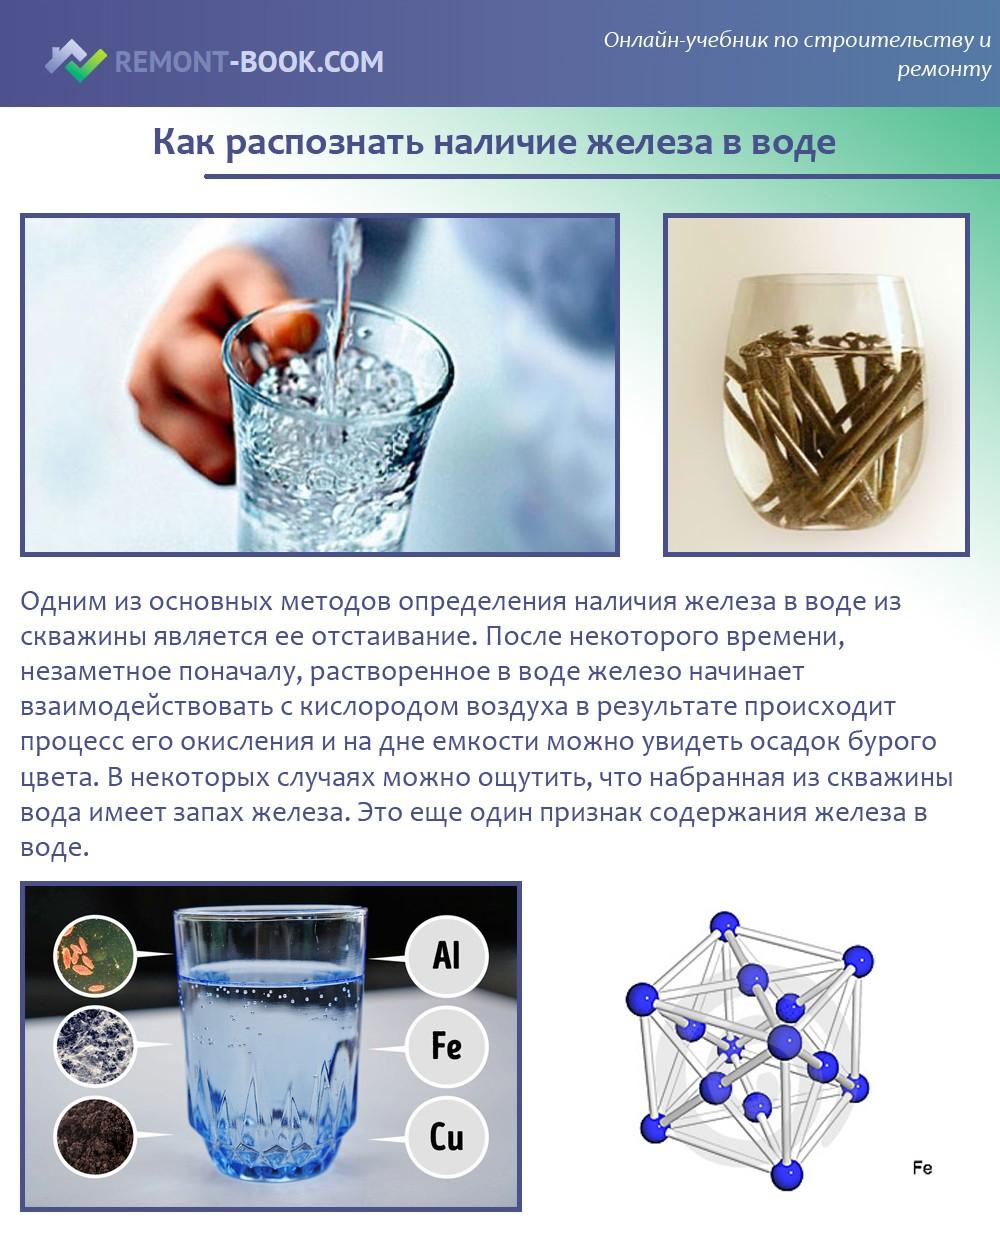 Как распознать наличие железа в воде